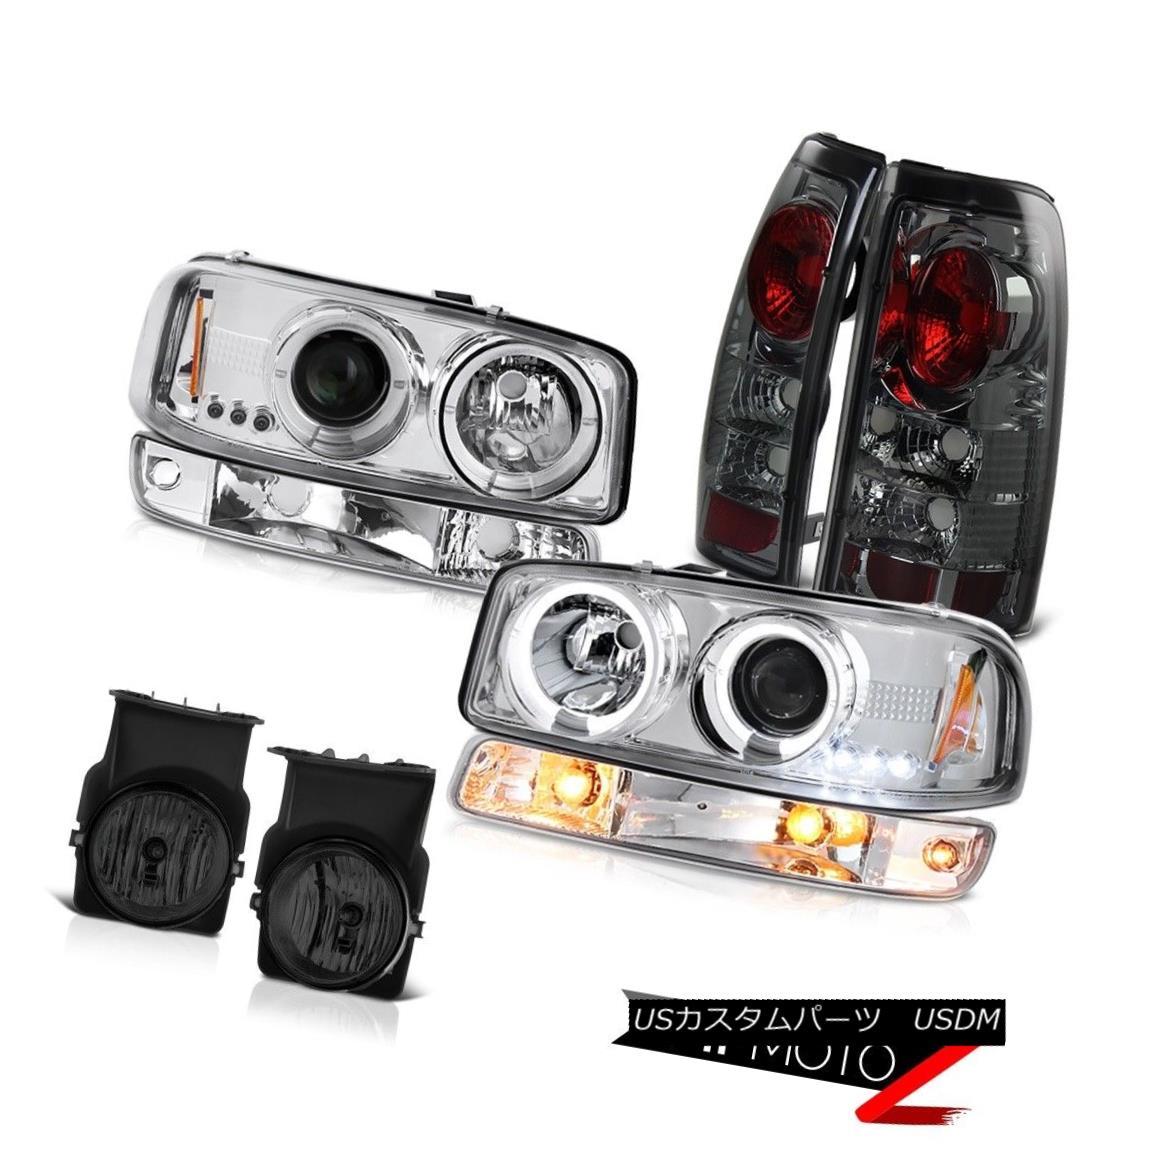 ヘッドライト 2003-2006 Sierra 4.3L Foglamps tail brake lamps chrome turn signal headlamps 2003-2006シエラ4.3Lフォグランプテールブレーキランプクロームターンシグナルヘッドライト